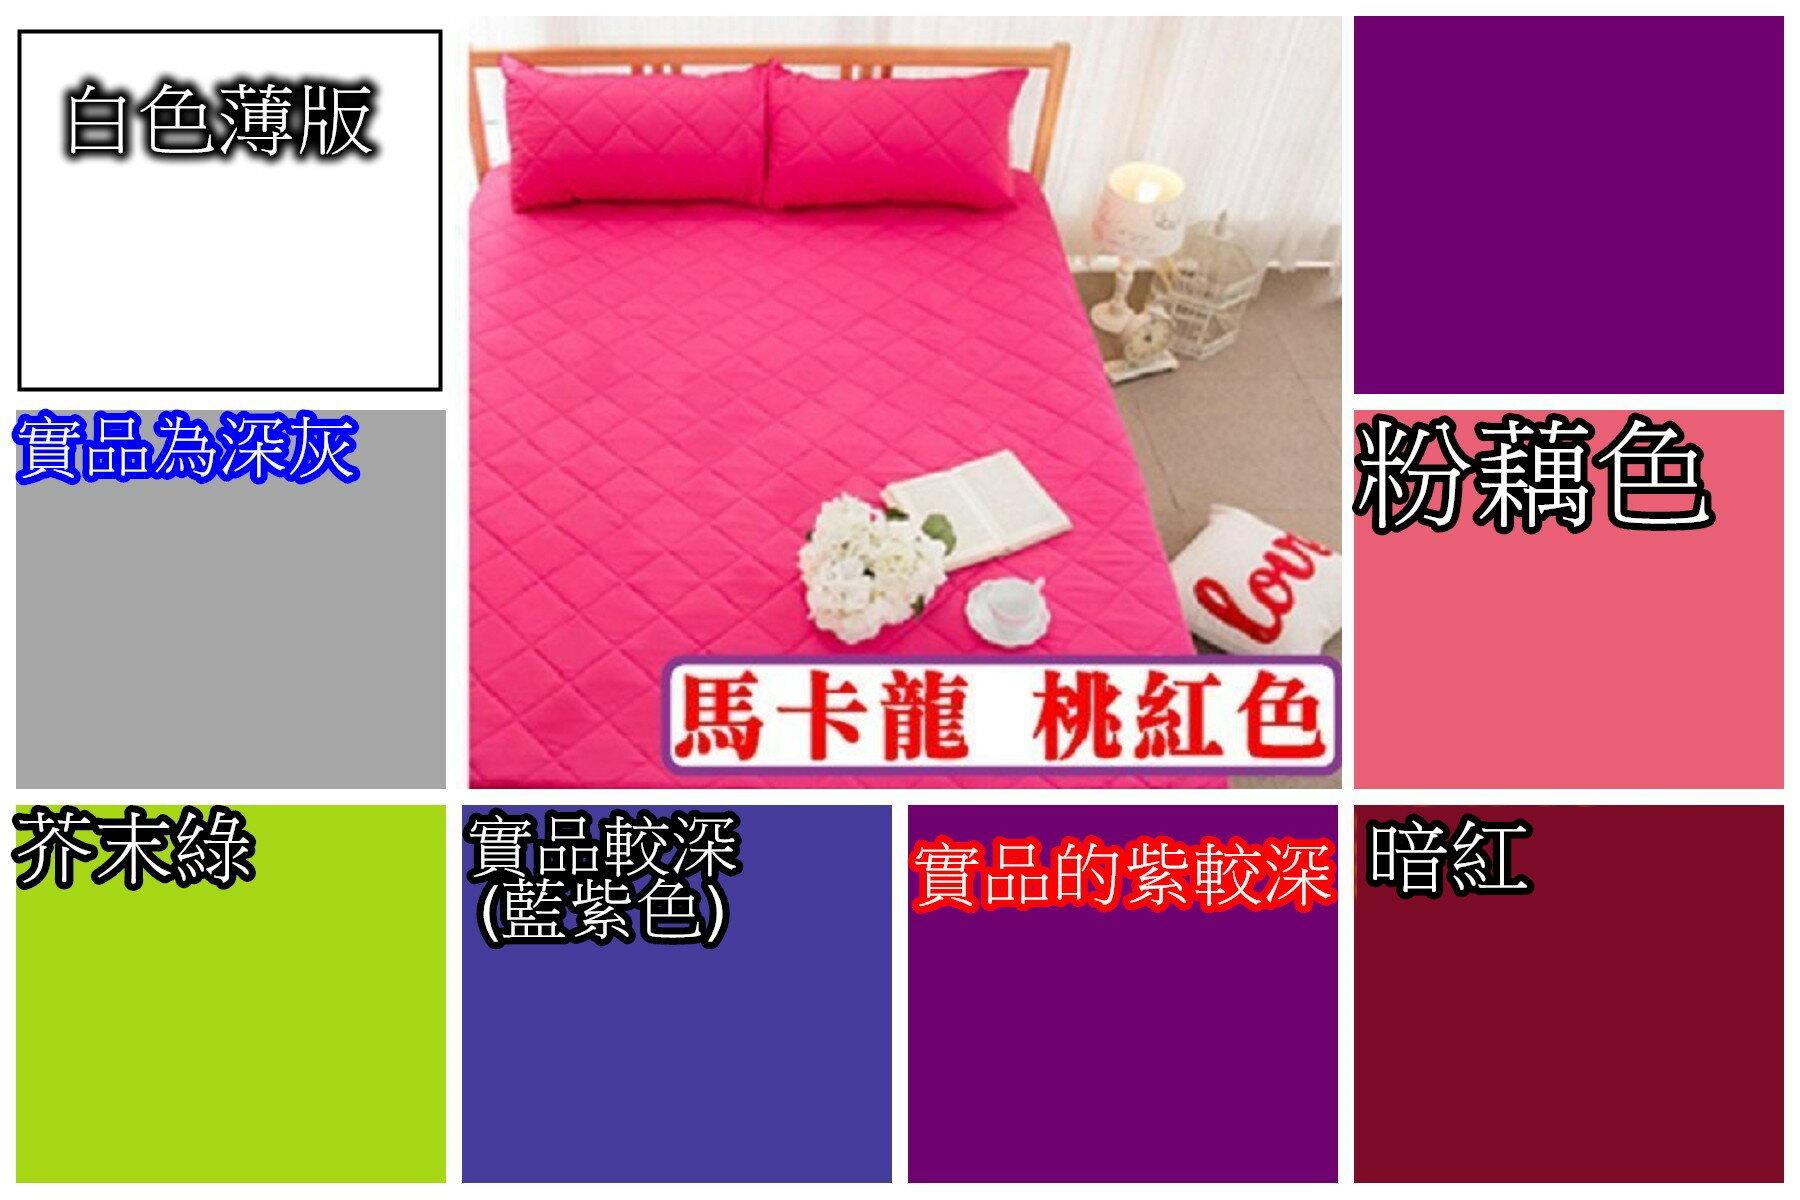 【床工坊】兩用摩毛保潔墊/ 床包 5尺雙人防潑水保潔墊/床包 (另有雙人加大6尺)可挑色,選色 - 限時優惠好康折扣